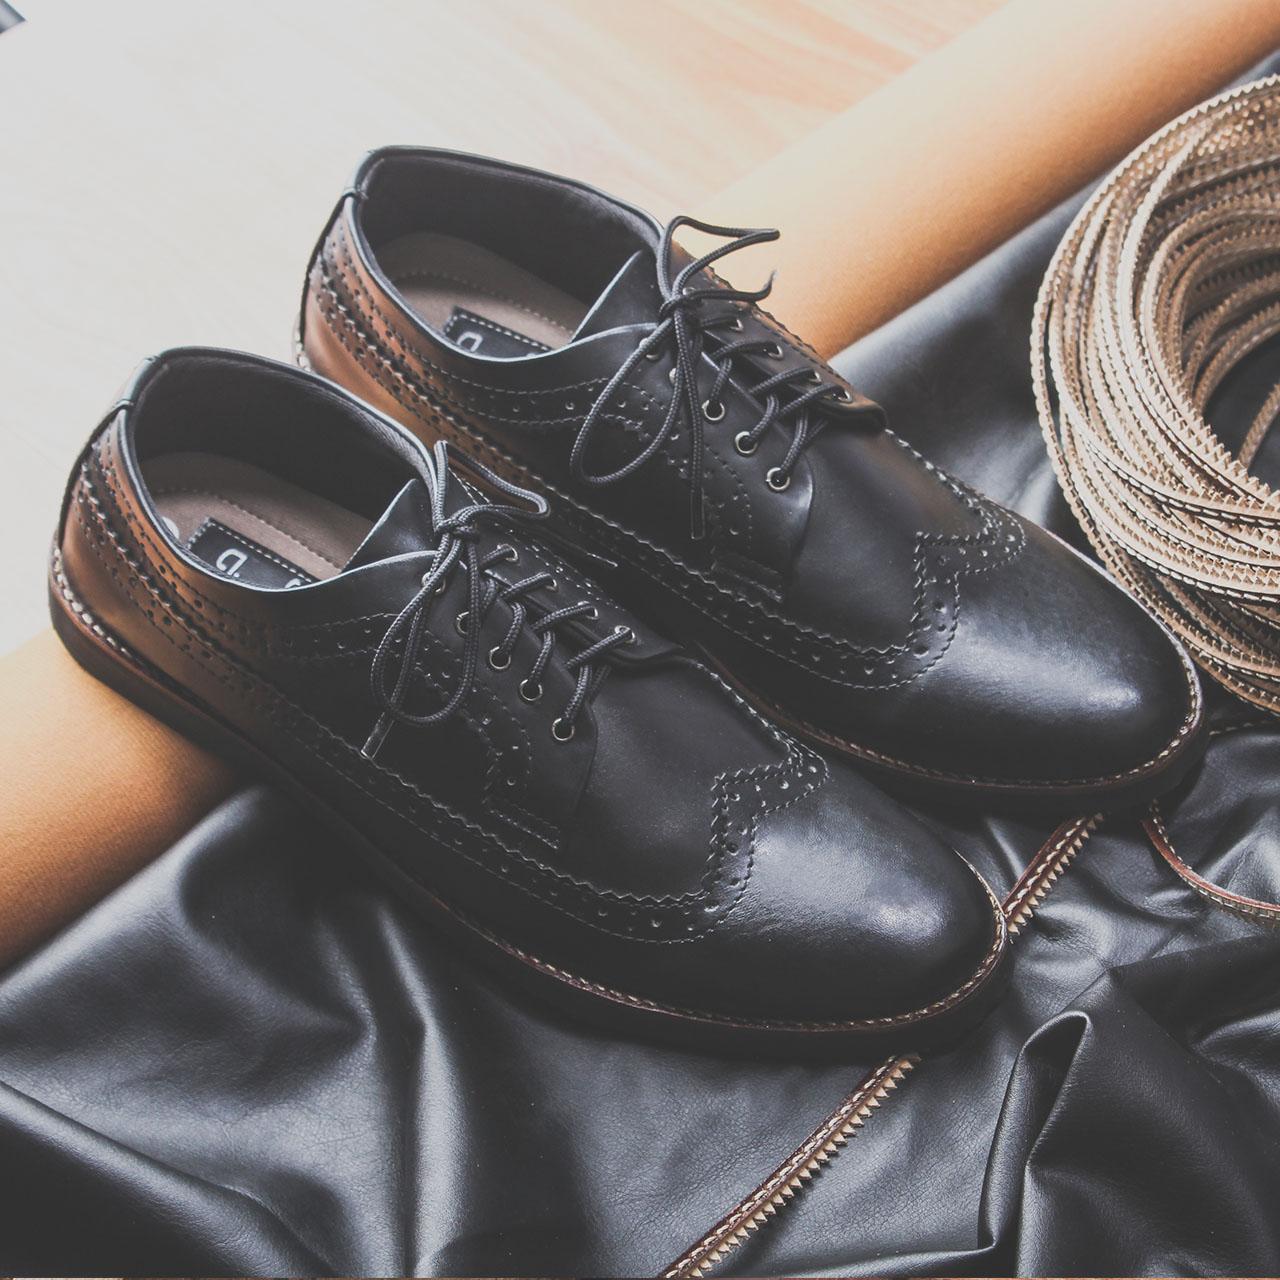 Sepatu Kasual Formal Pria Kulit Asli Toods Longwing Black Daftar Footwear Sepatulokalid X Giant Flames